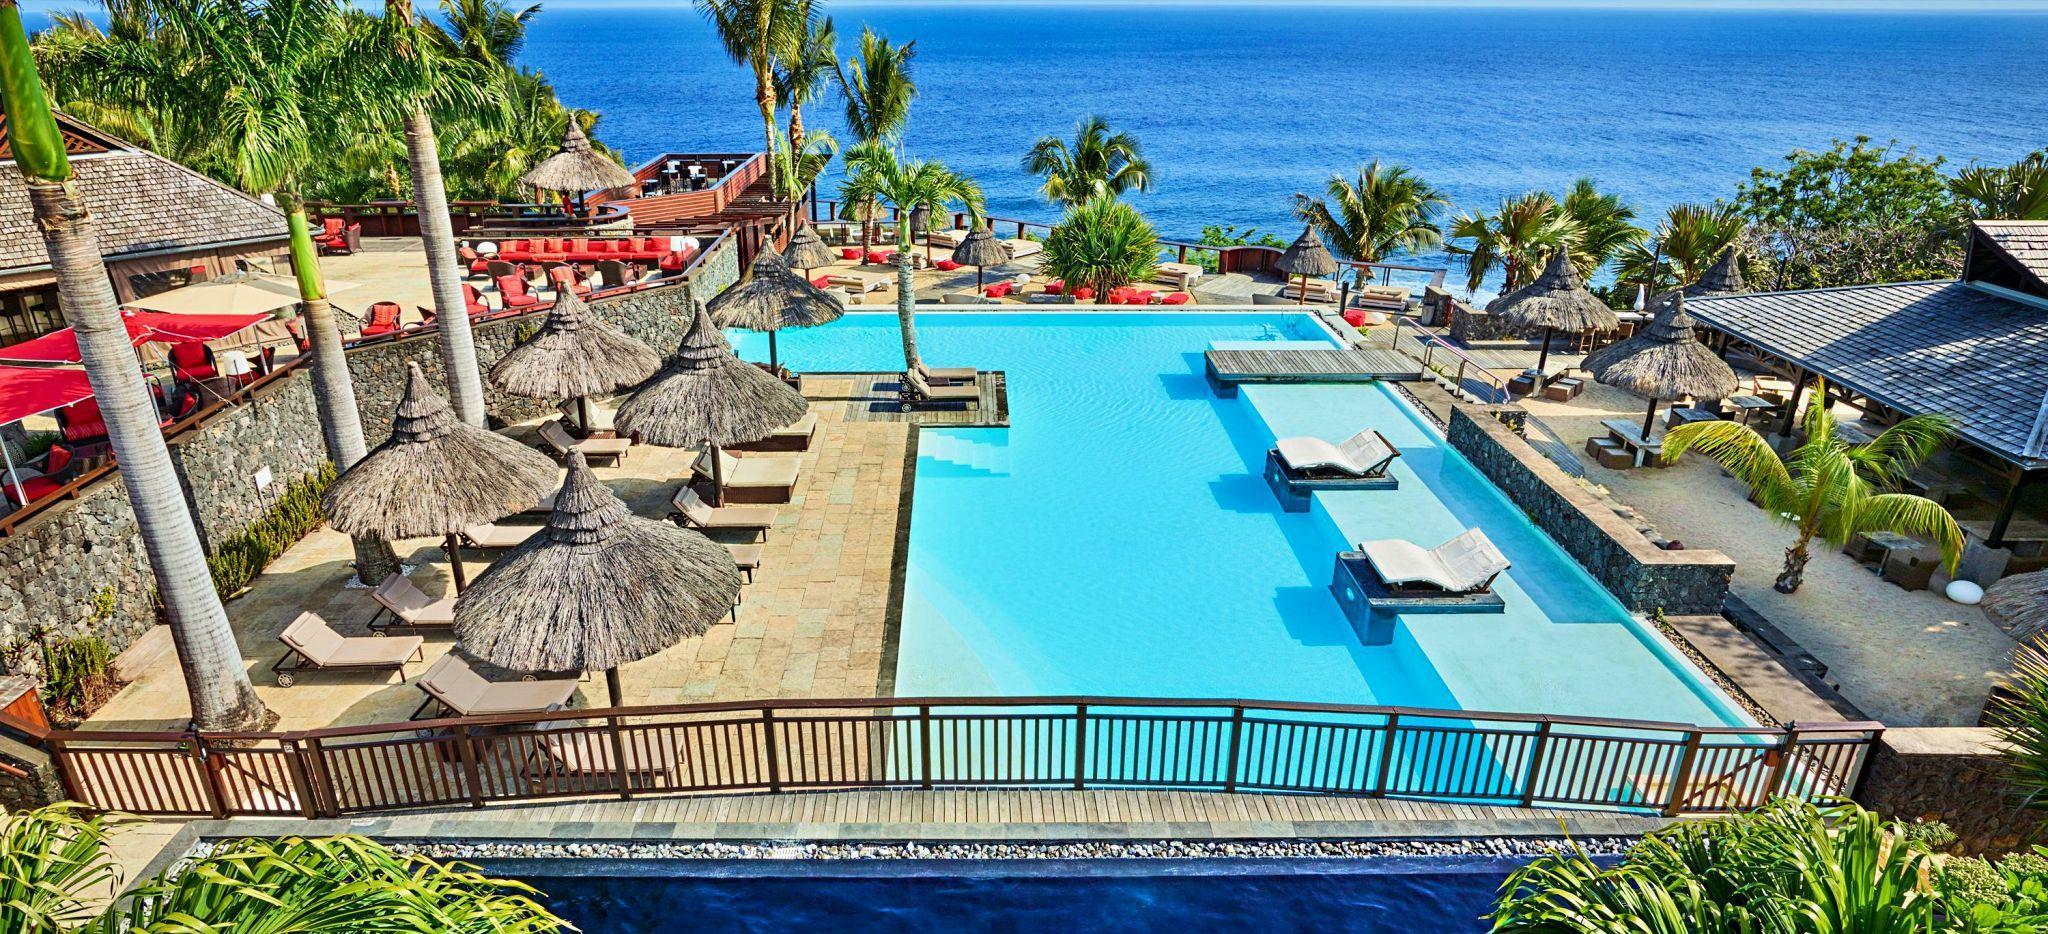 Der Hauptpool-Bereich des Hotels Palm auf la Réunion